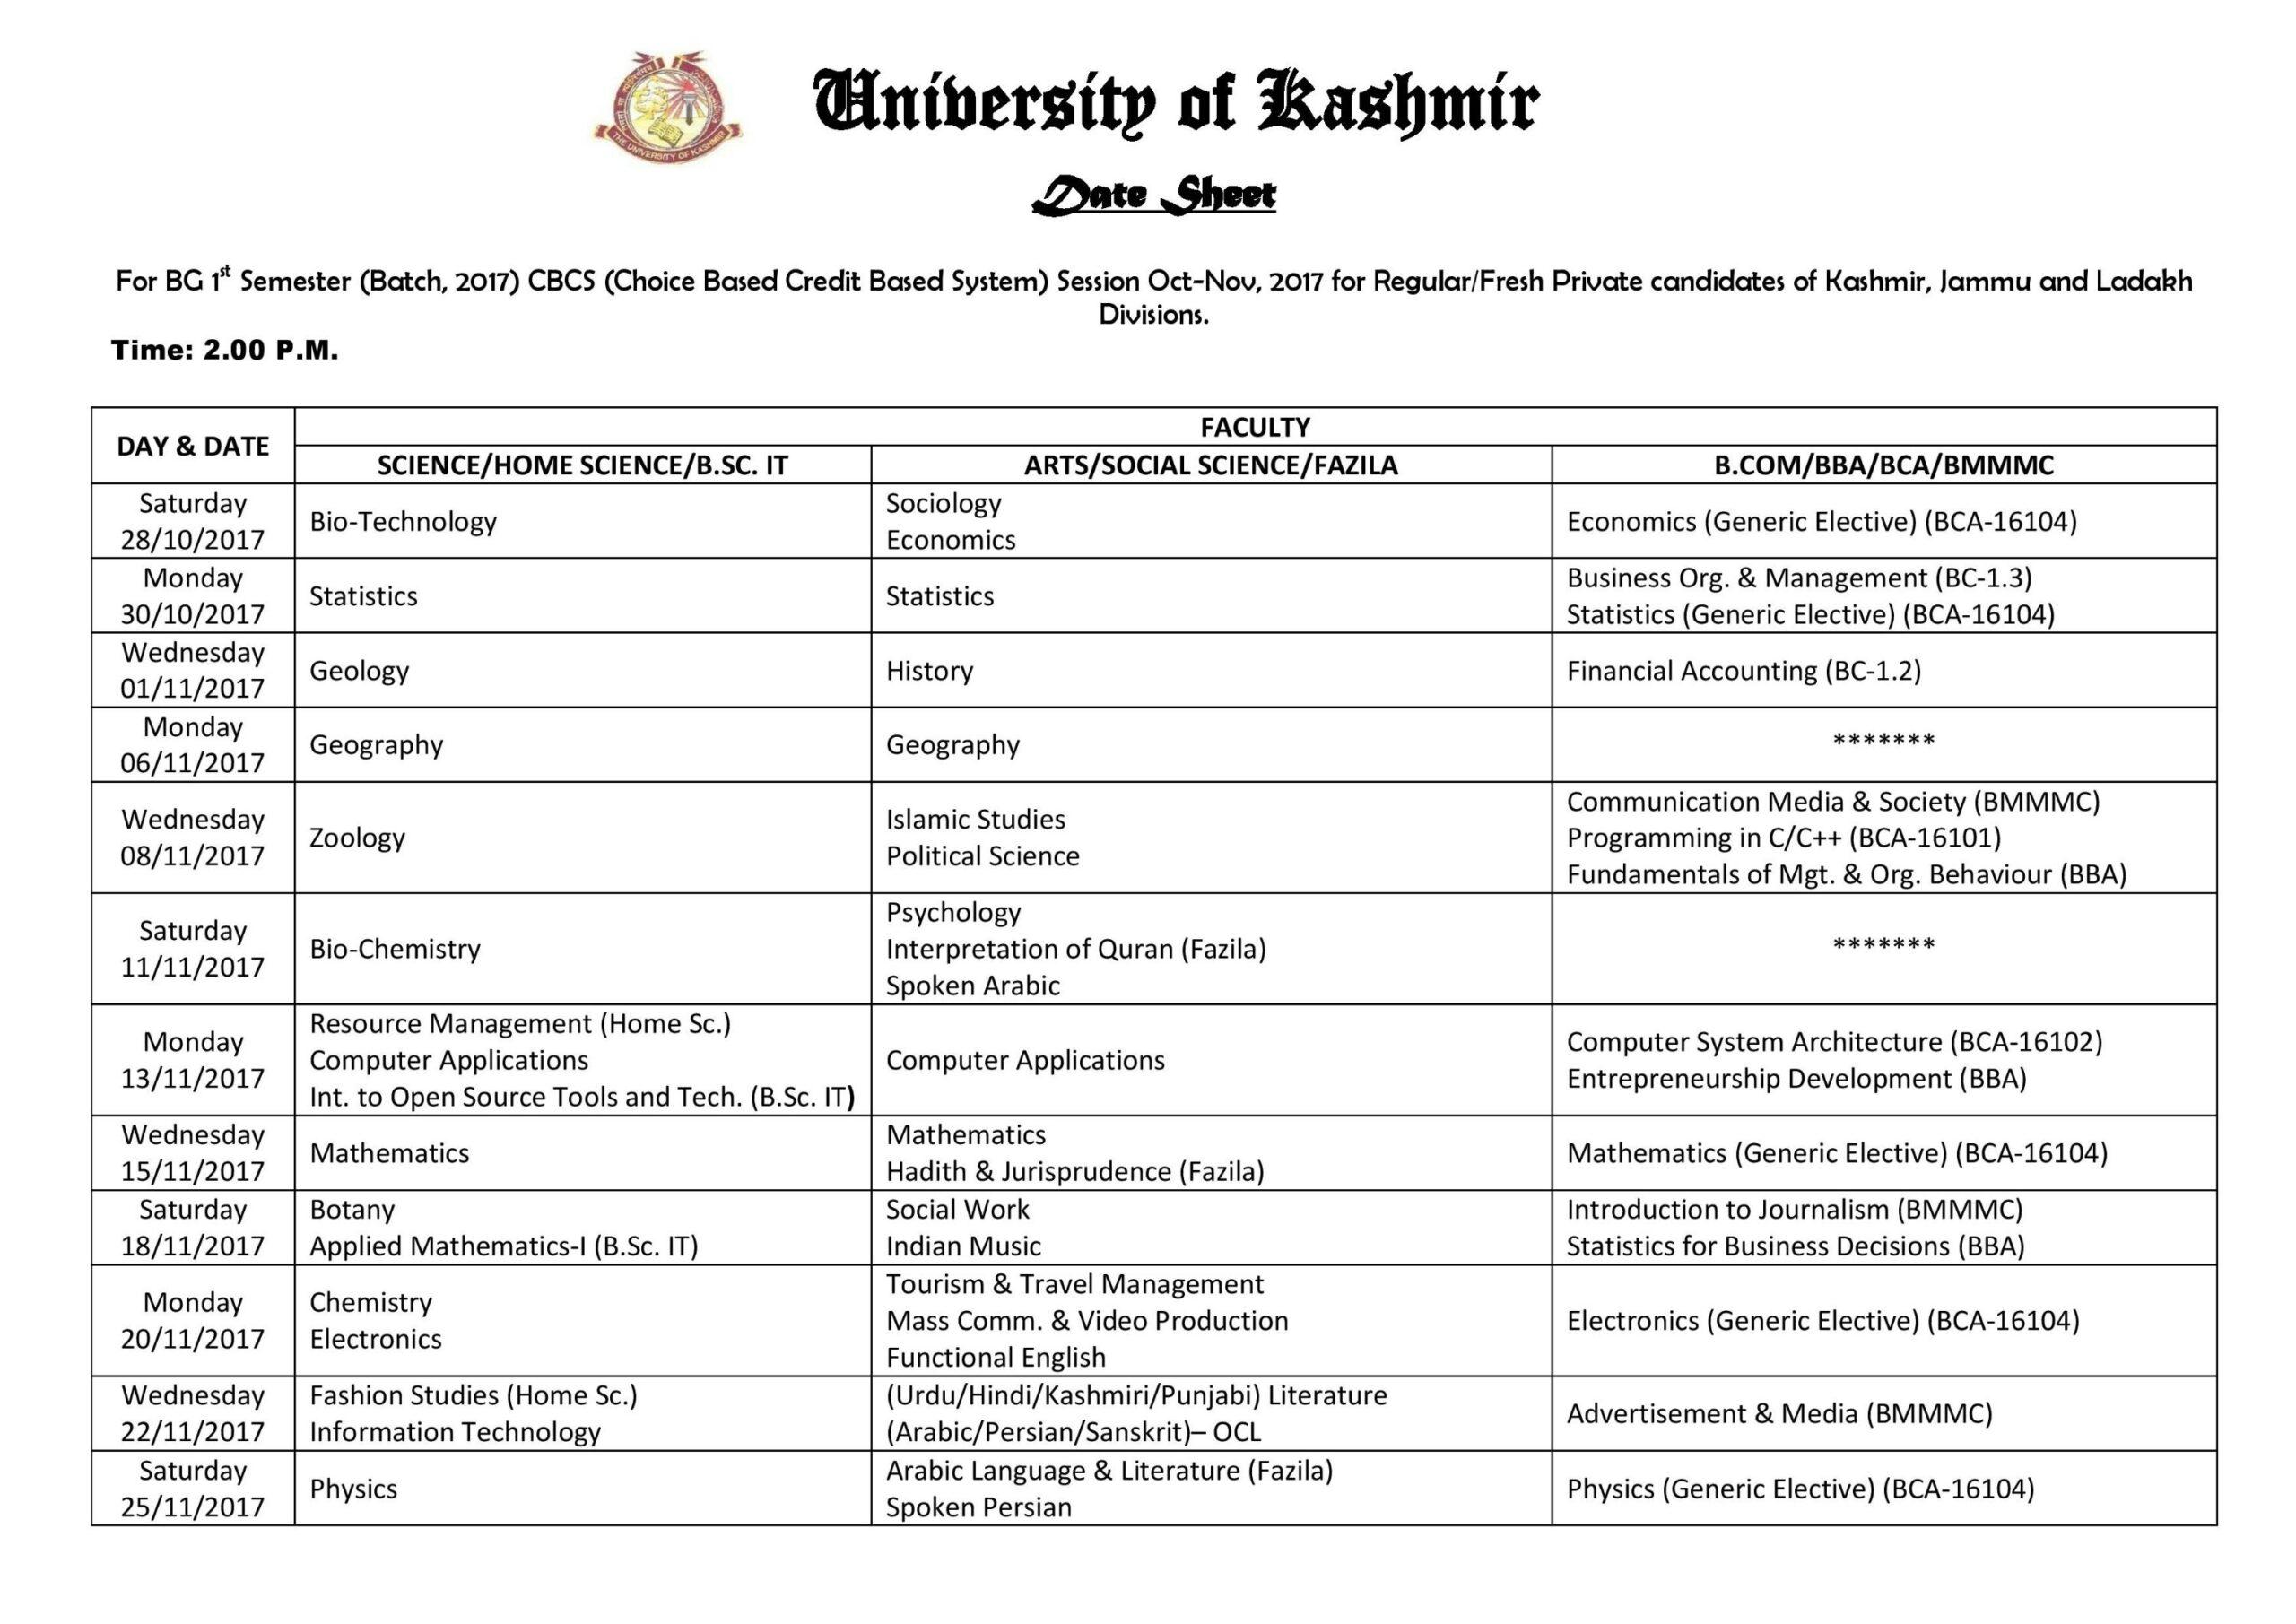 Date Sheet for BG 1st Semester (CBCS) Exam 2017